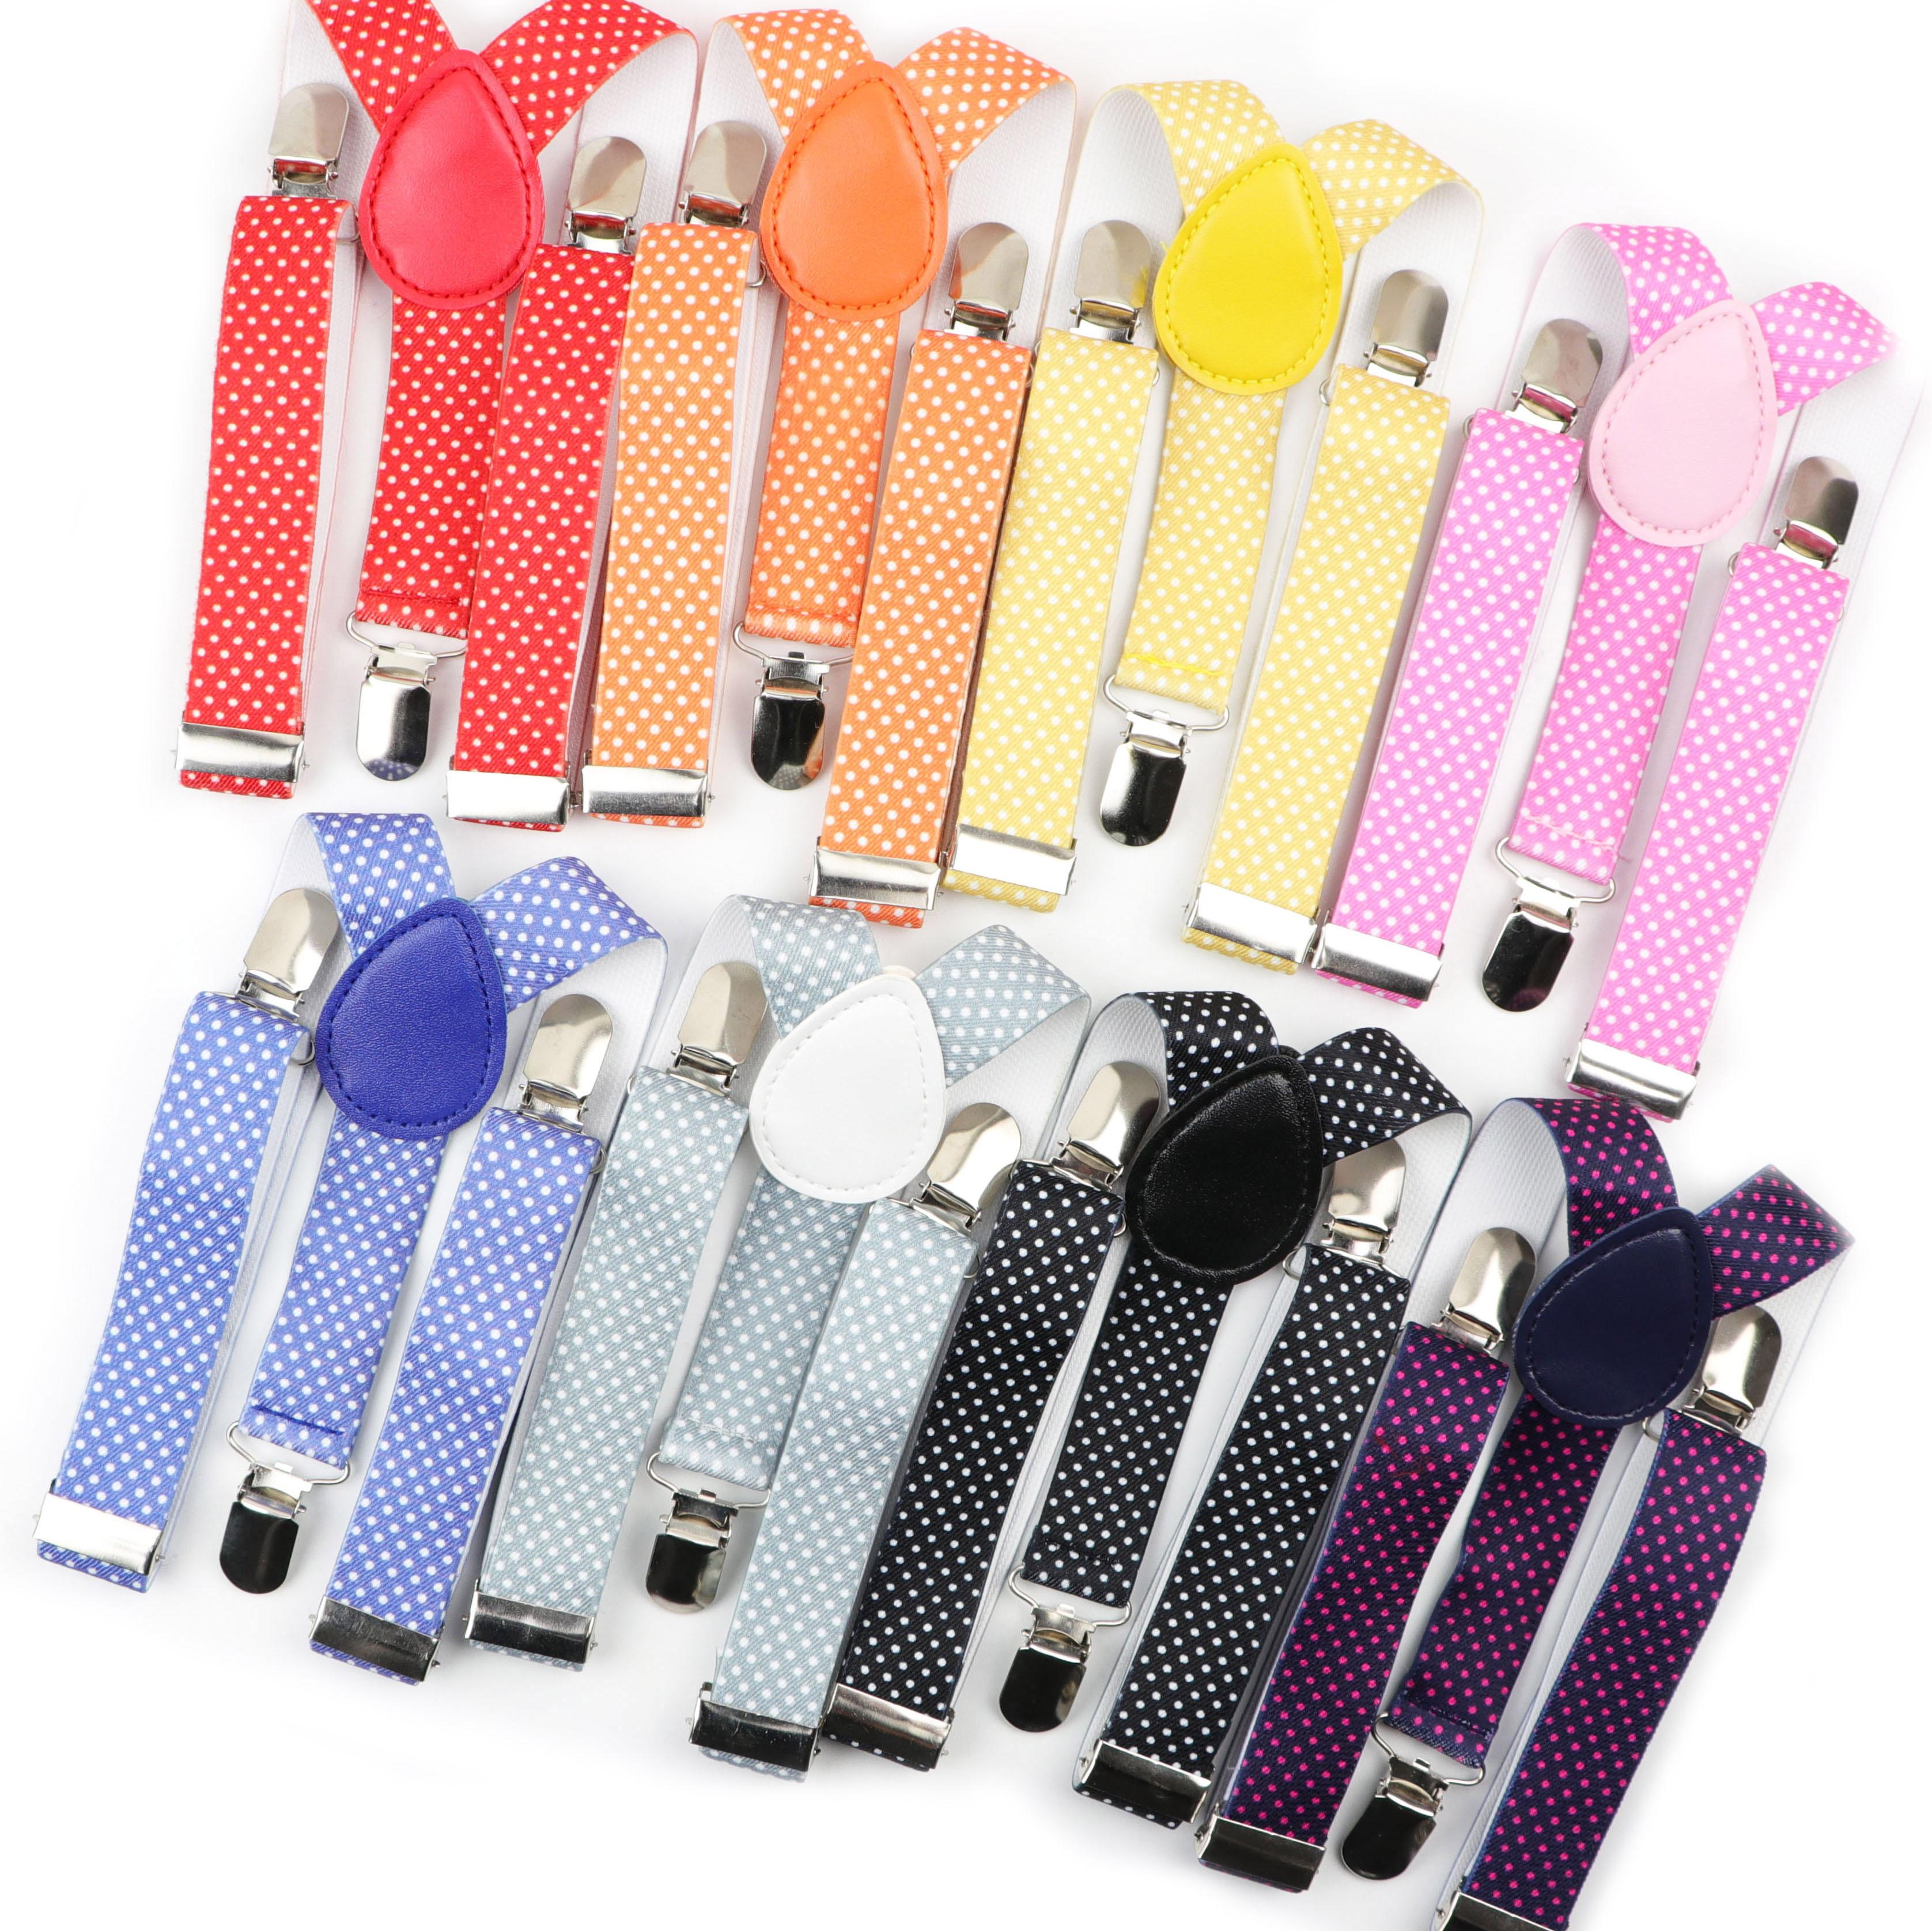 Dot Colorful Children Belt Baby Boys Girls Suspenders Clip-on Y-Back Braces Elastic Kids Adjustable